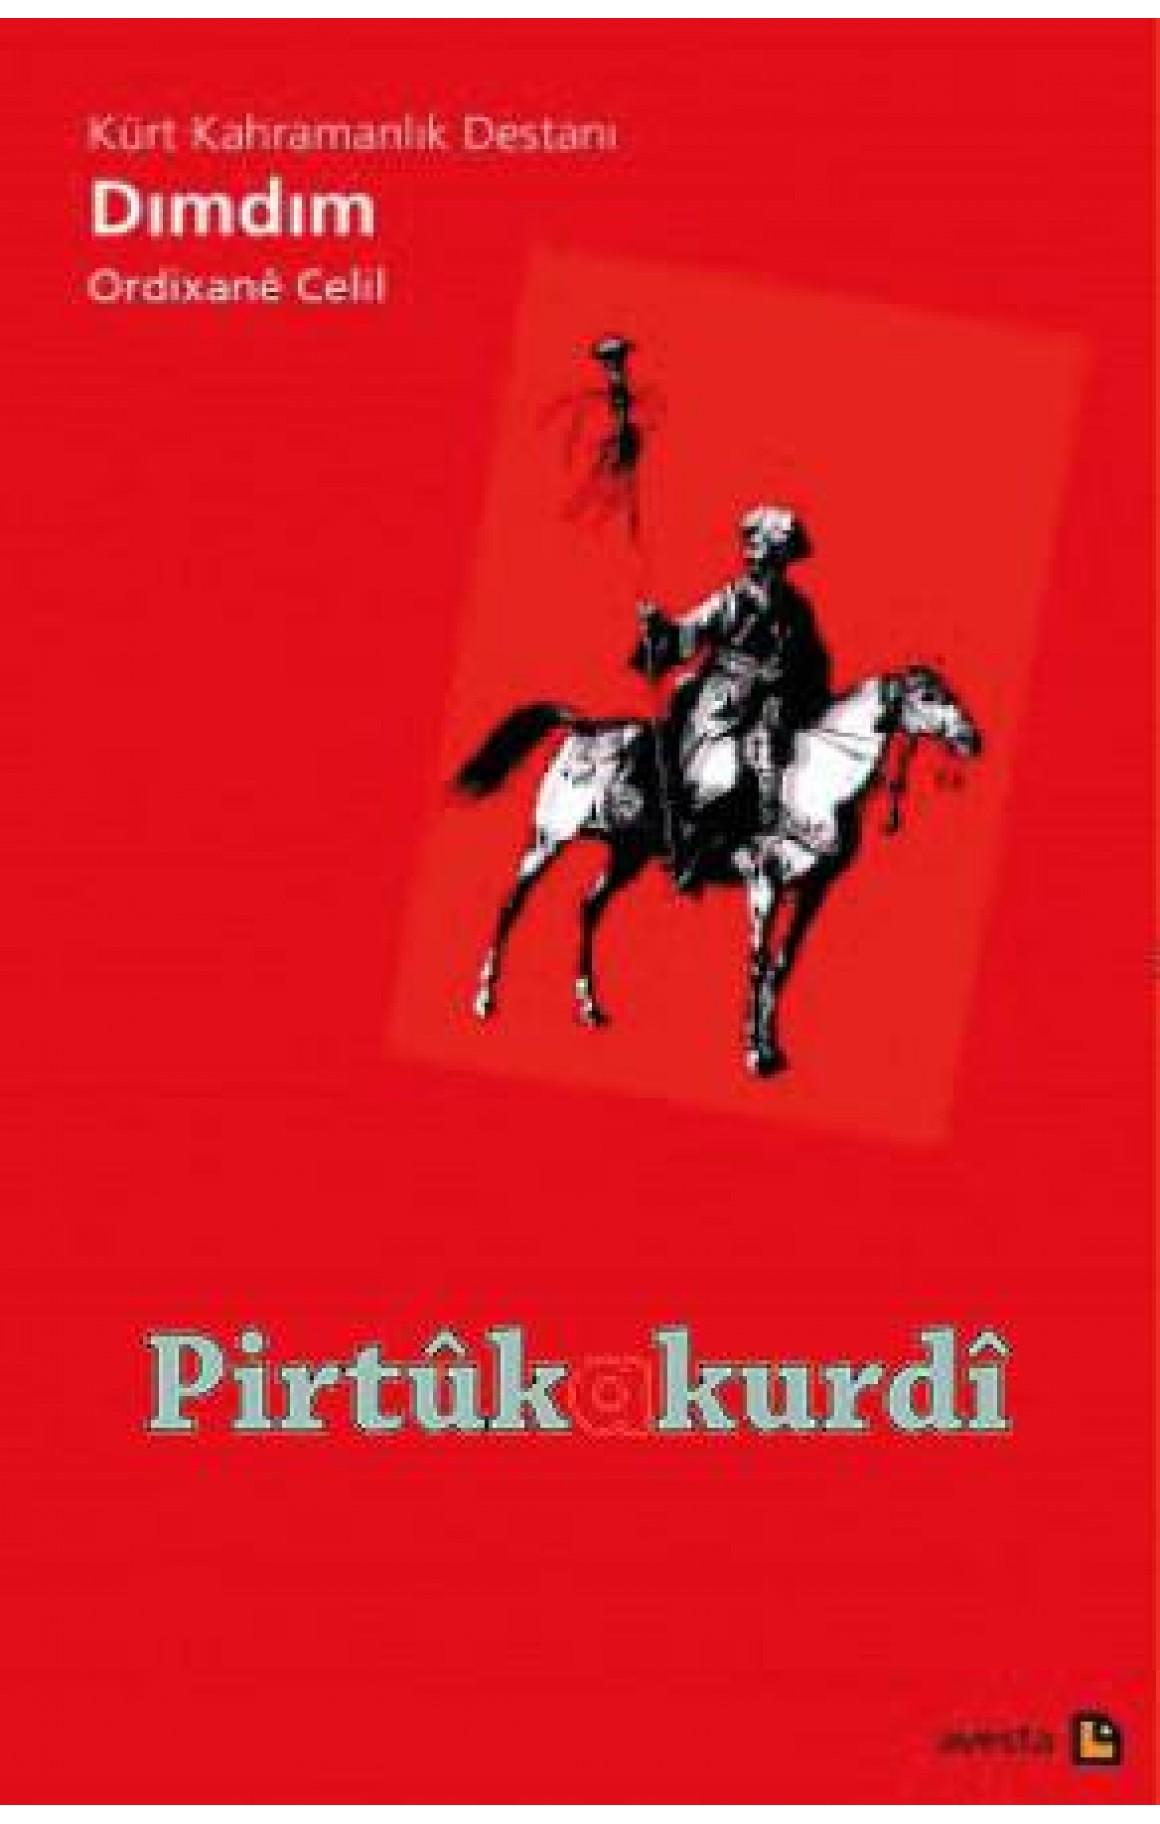 Dimdim - Kürt Kahramanlık Destanı